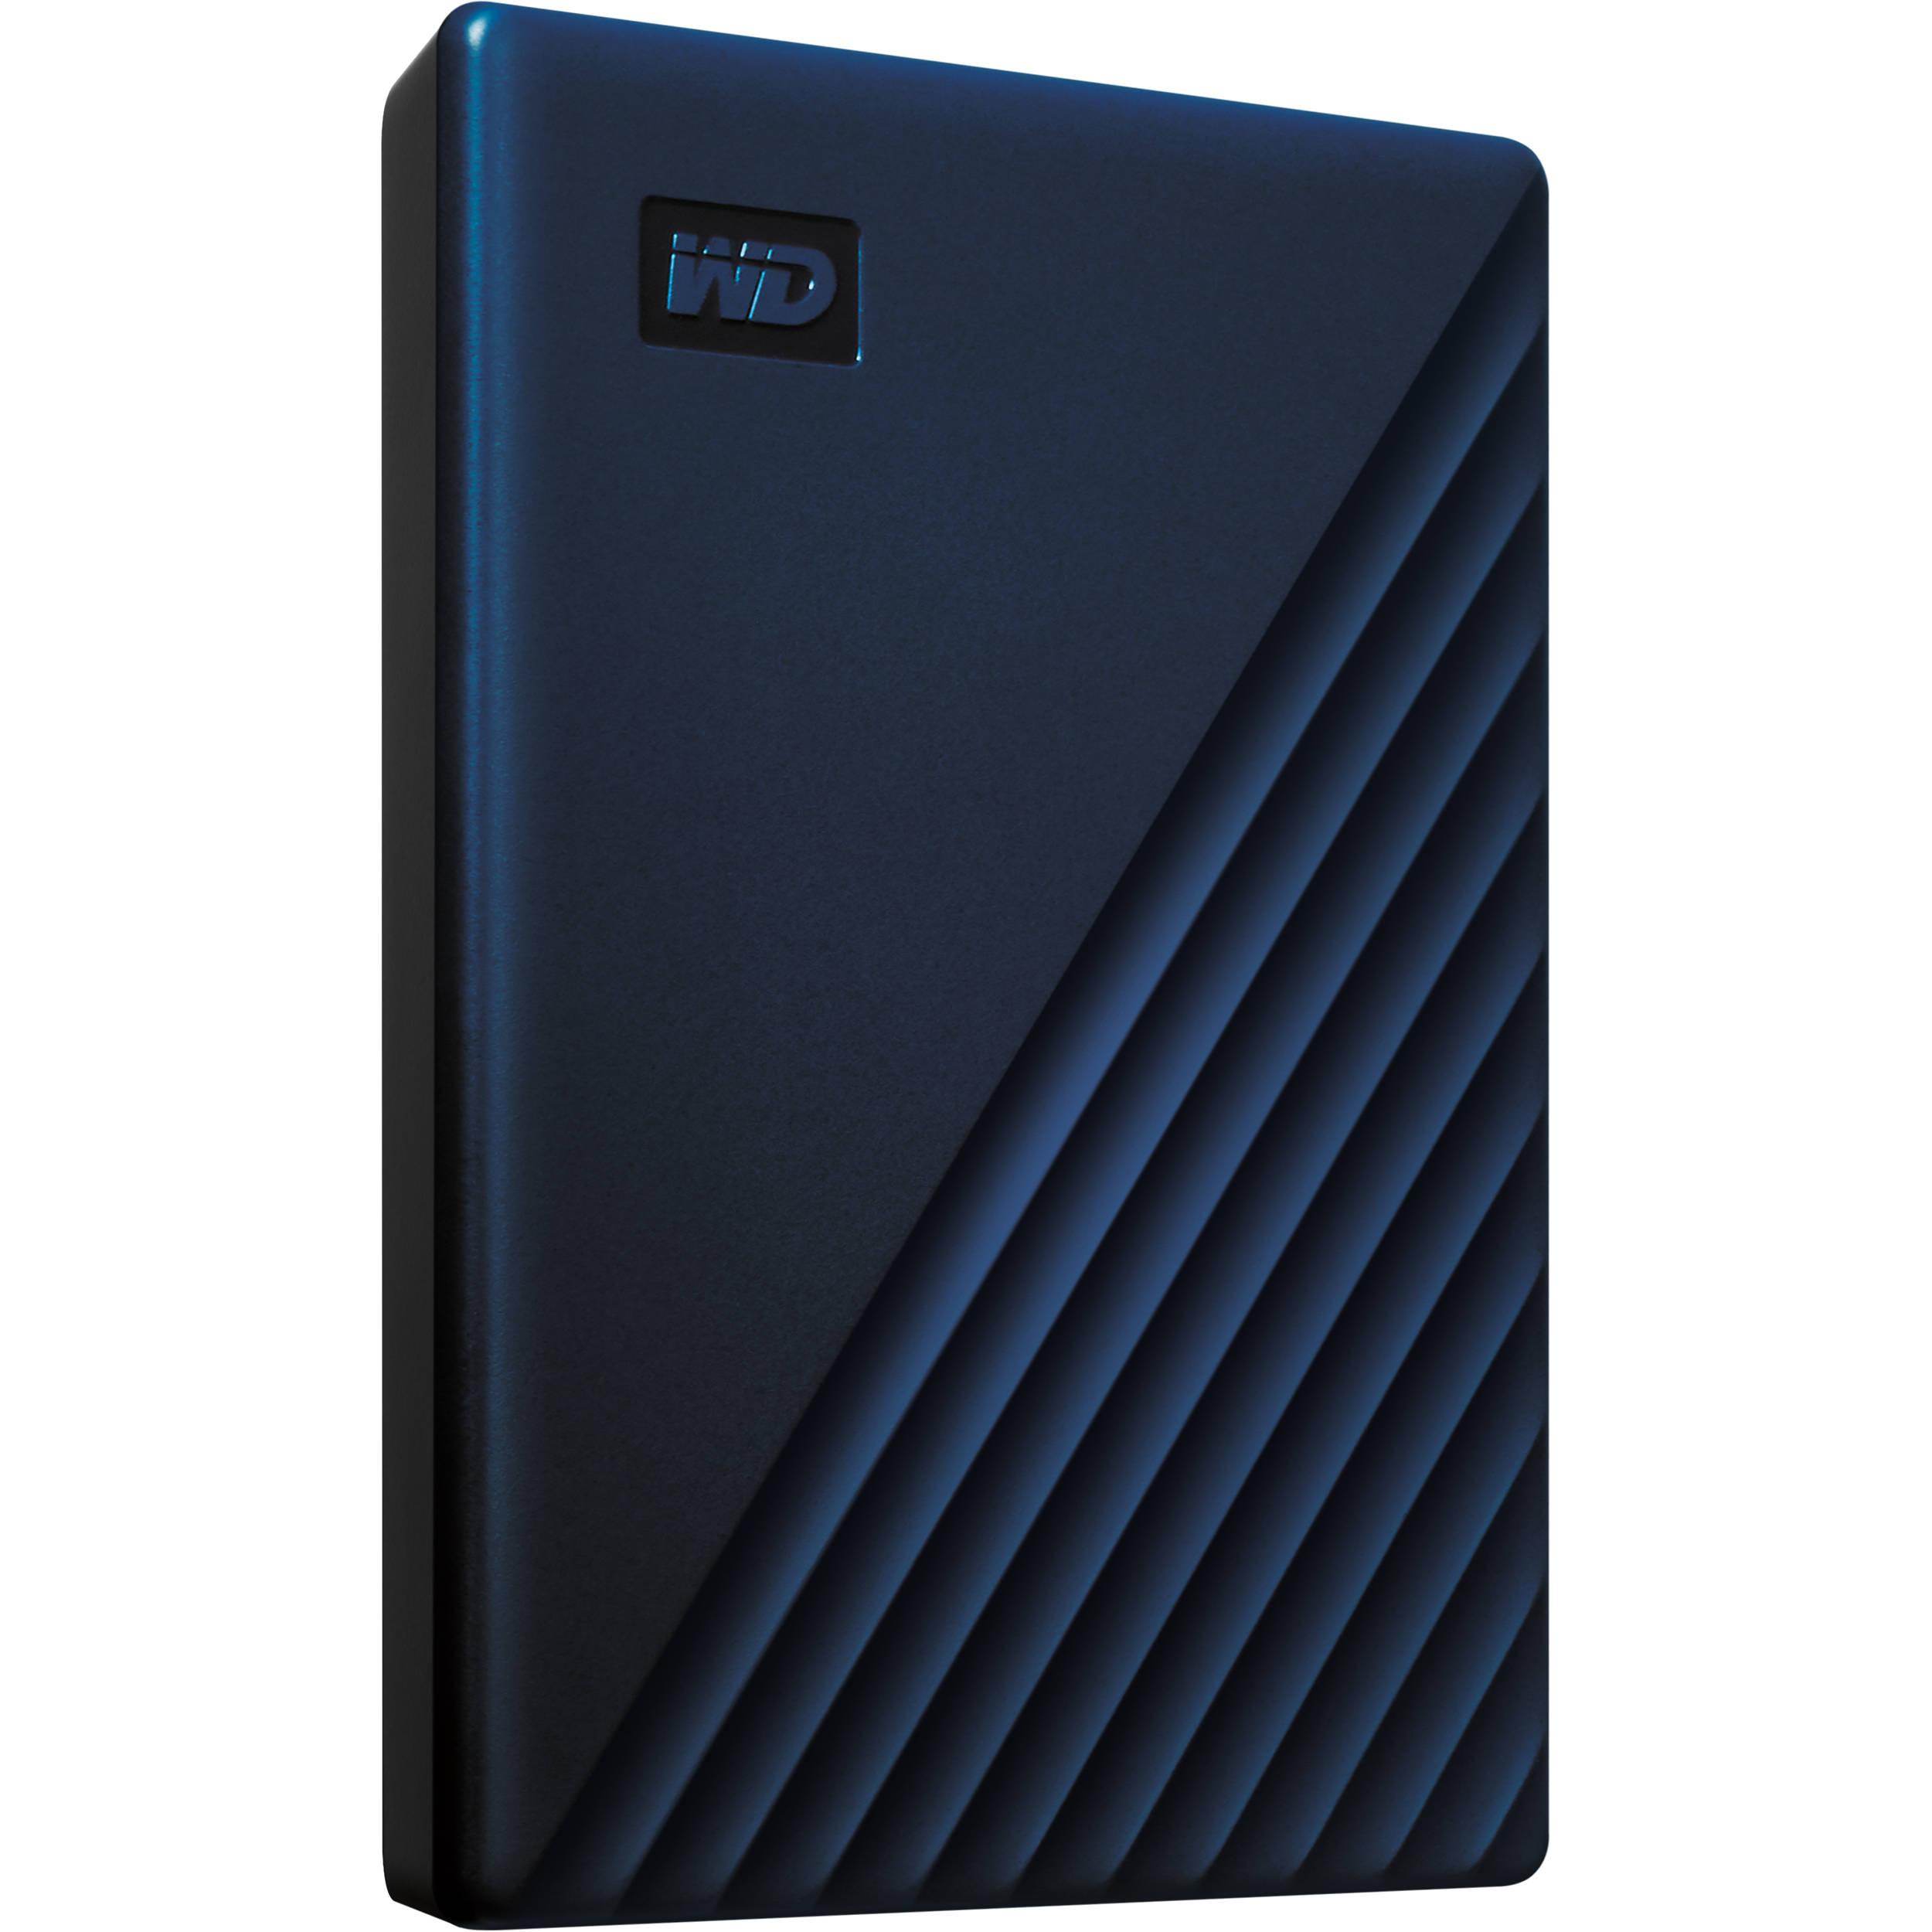 WD 2TB My Passport for Mac USB 3 0 External Hard Drive (Midnight Blue)